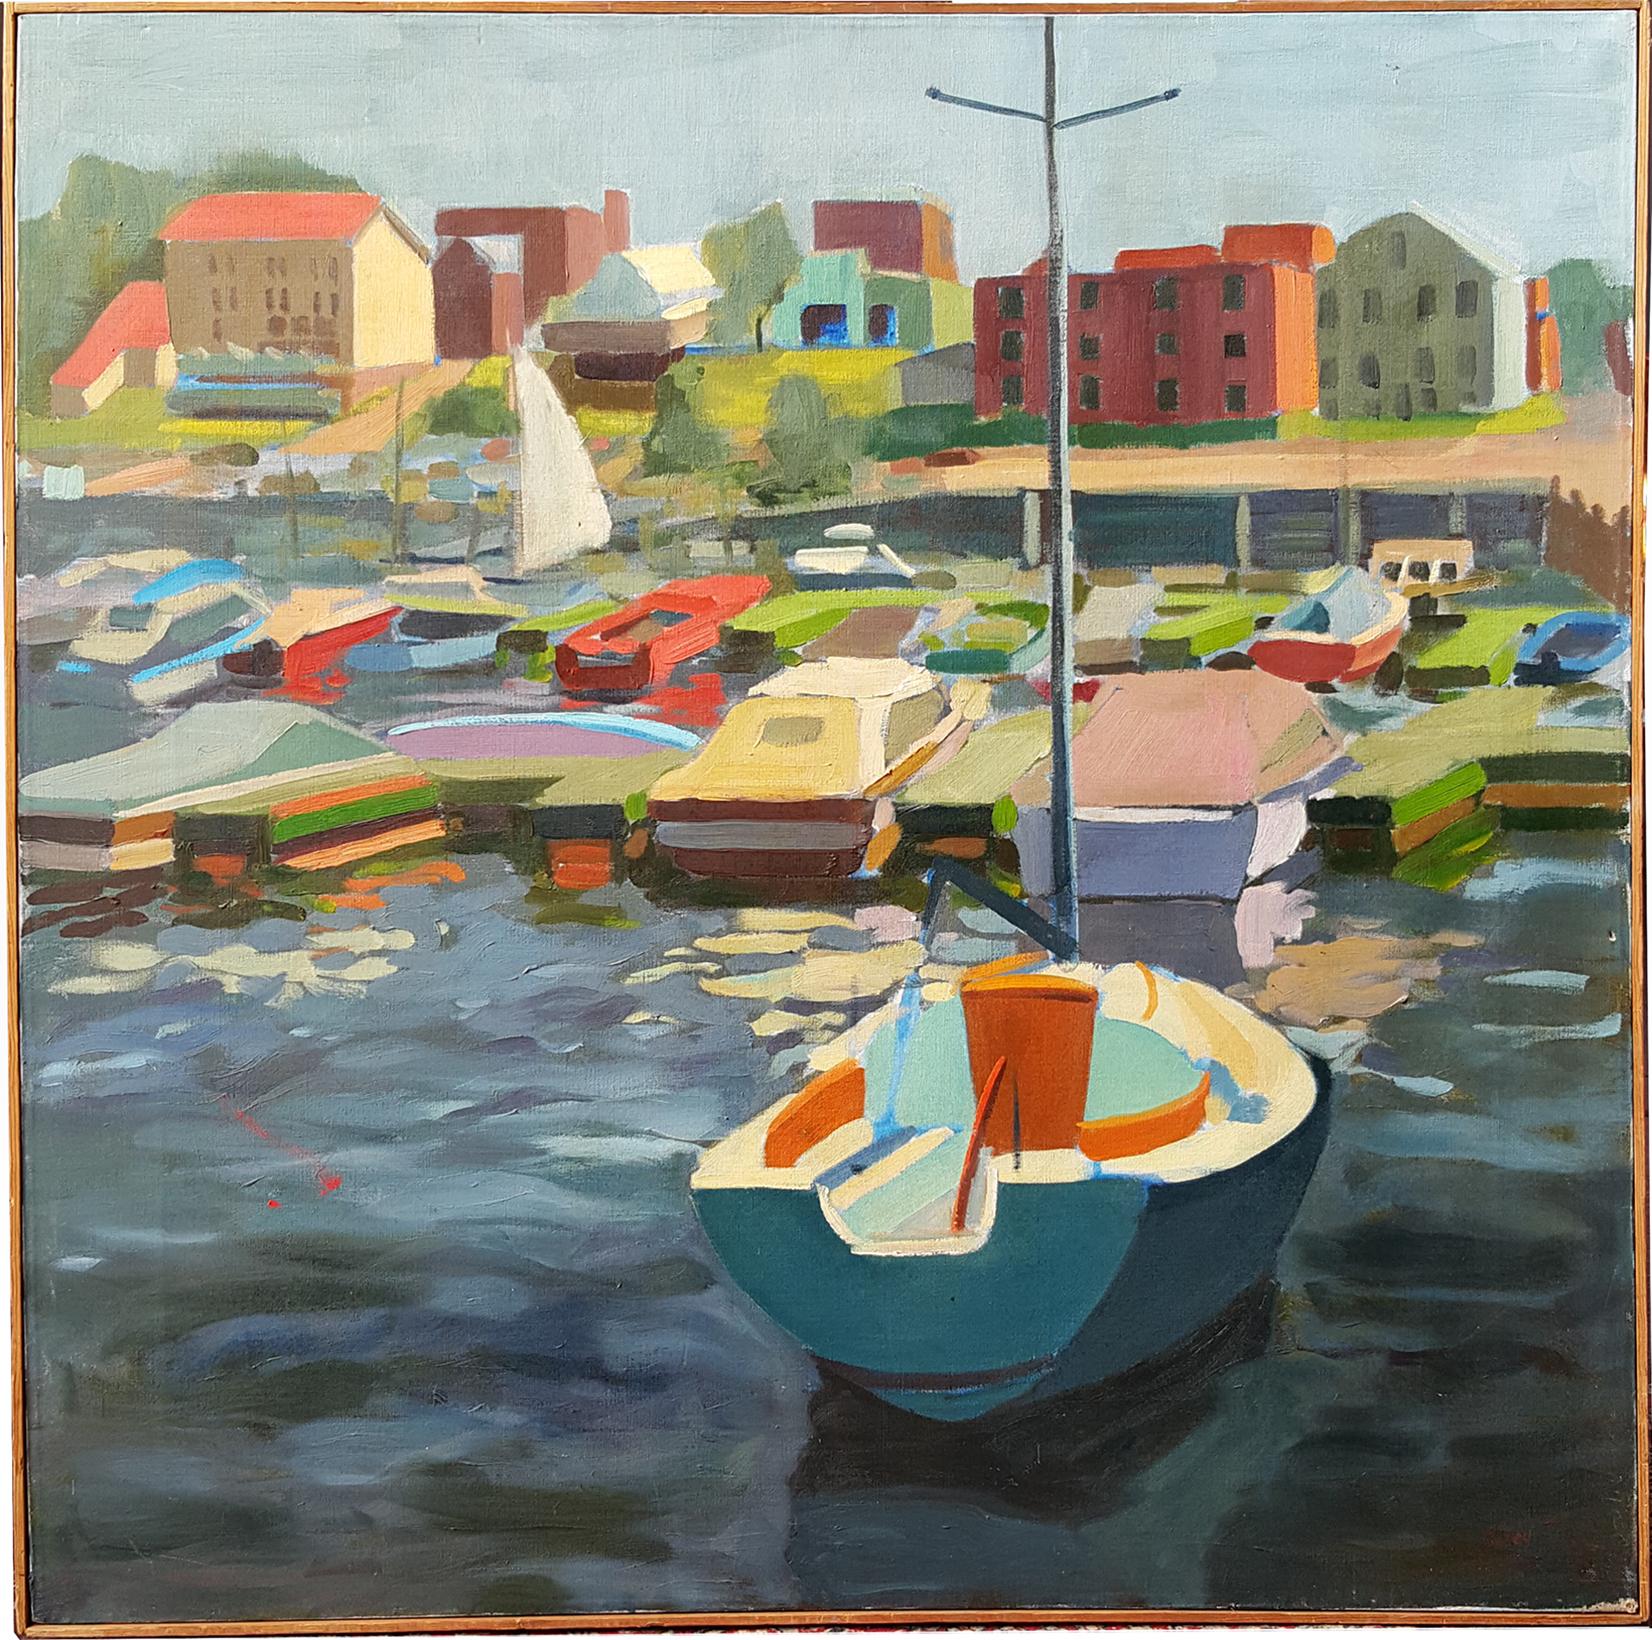 lois-foley-harbor-scene.jpg